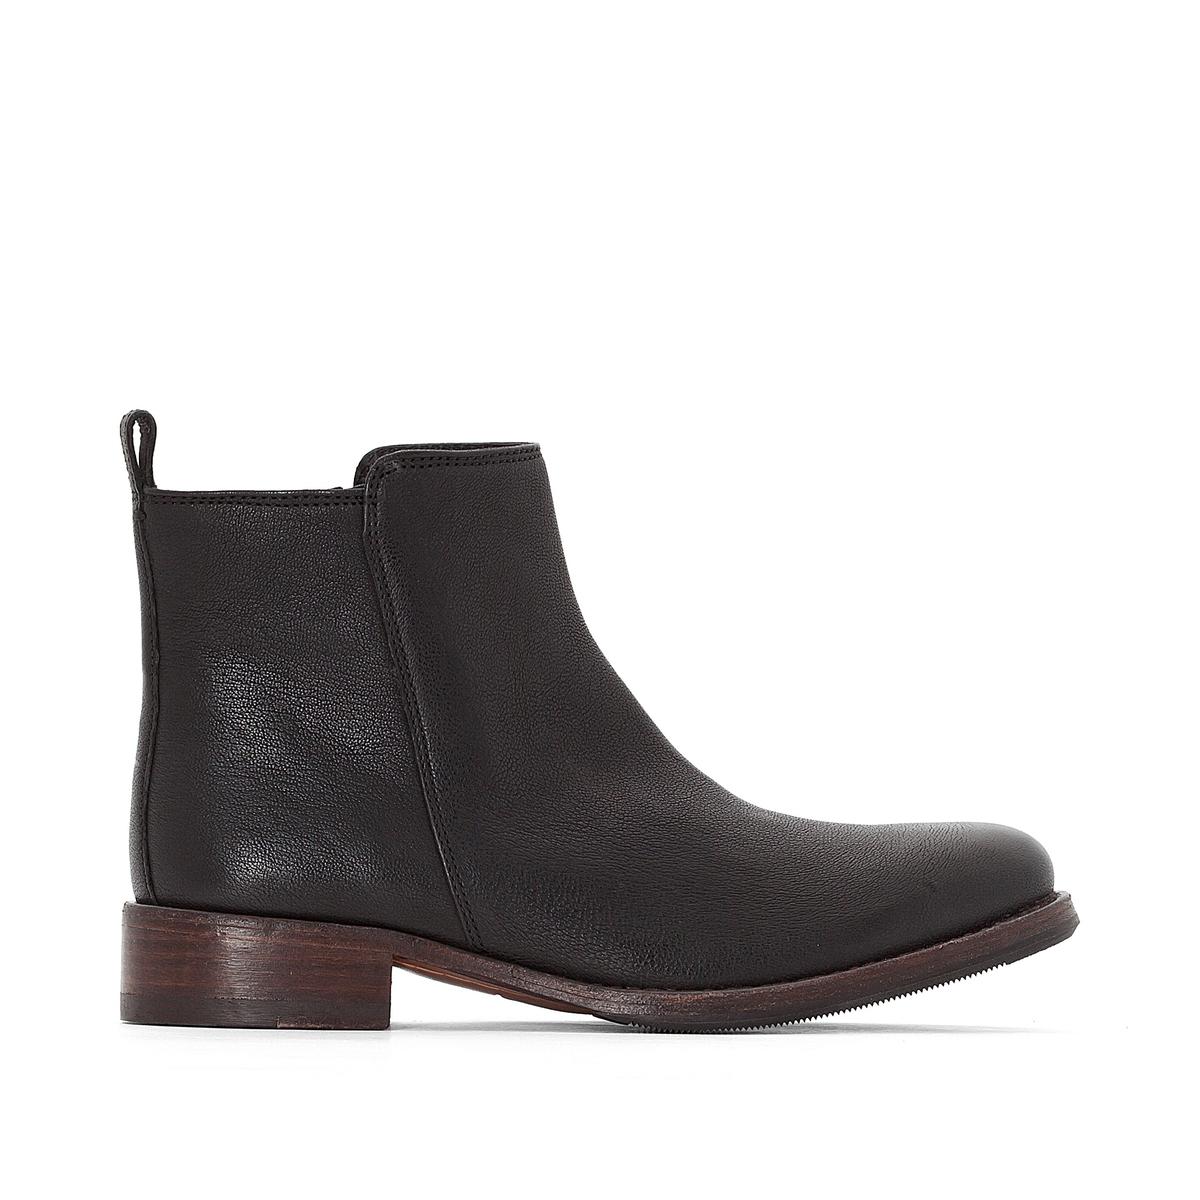 Ботинки кожаные Tomina StarВерх : Кожа.   Подкладка : Кожа.   Стелька : Кожа.   Подошва : Каучук   Высота каблука : 3 см   Форма каблука : плоский каблук   Мысок : закругленный   Застежка : молния<br><br>Цвет: черный<br>Размер: 37